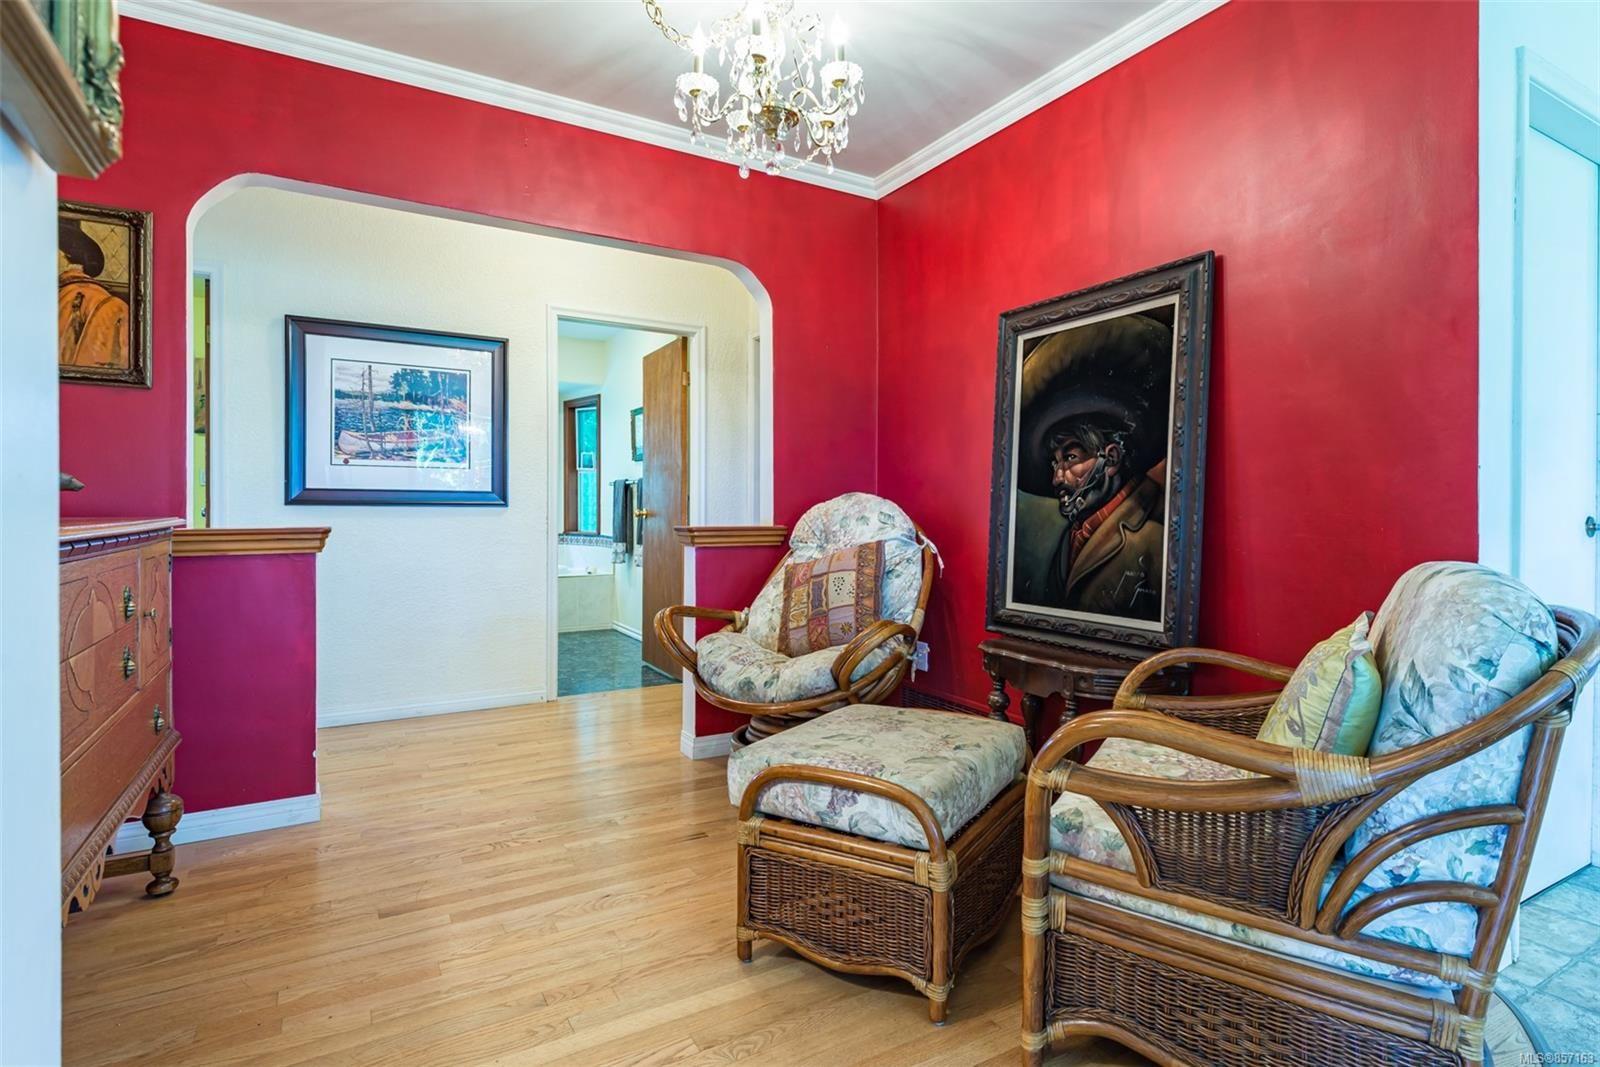 Photo 22: Photos: 4241 Buddington Rd in : CV Courtenay South House for sale (Comox Valley)  : MLS®# 857163